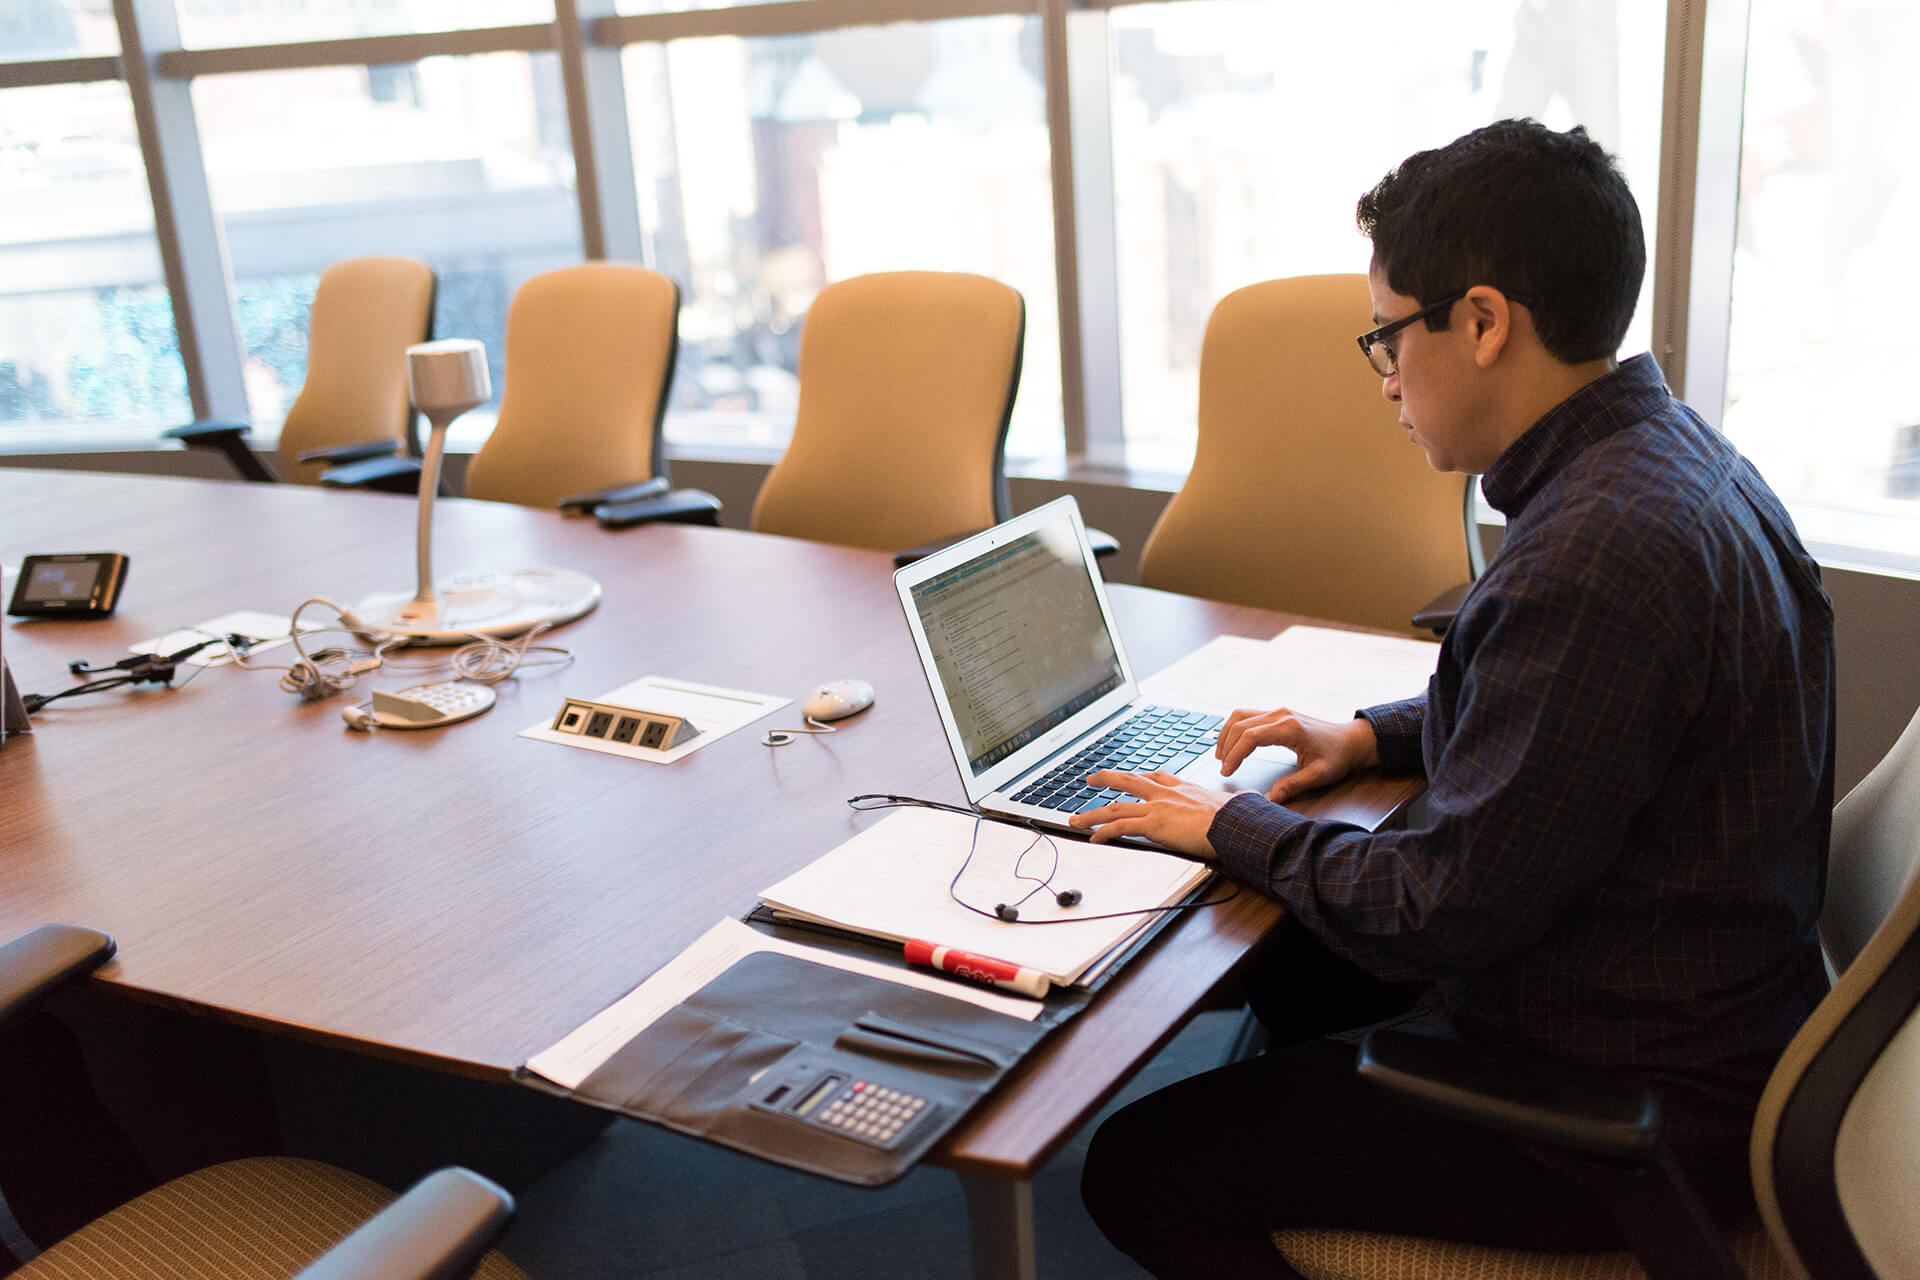 Otomatisasikan dan integrasikan kegiatan administrasi bisnis anda dengan aplikasi yang terintegrasi